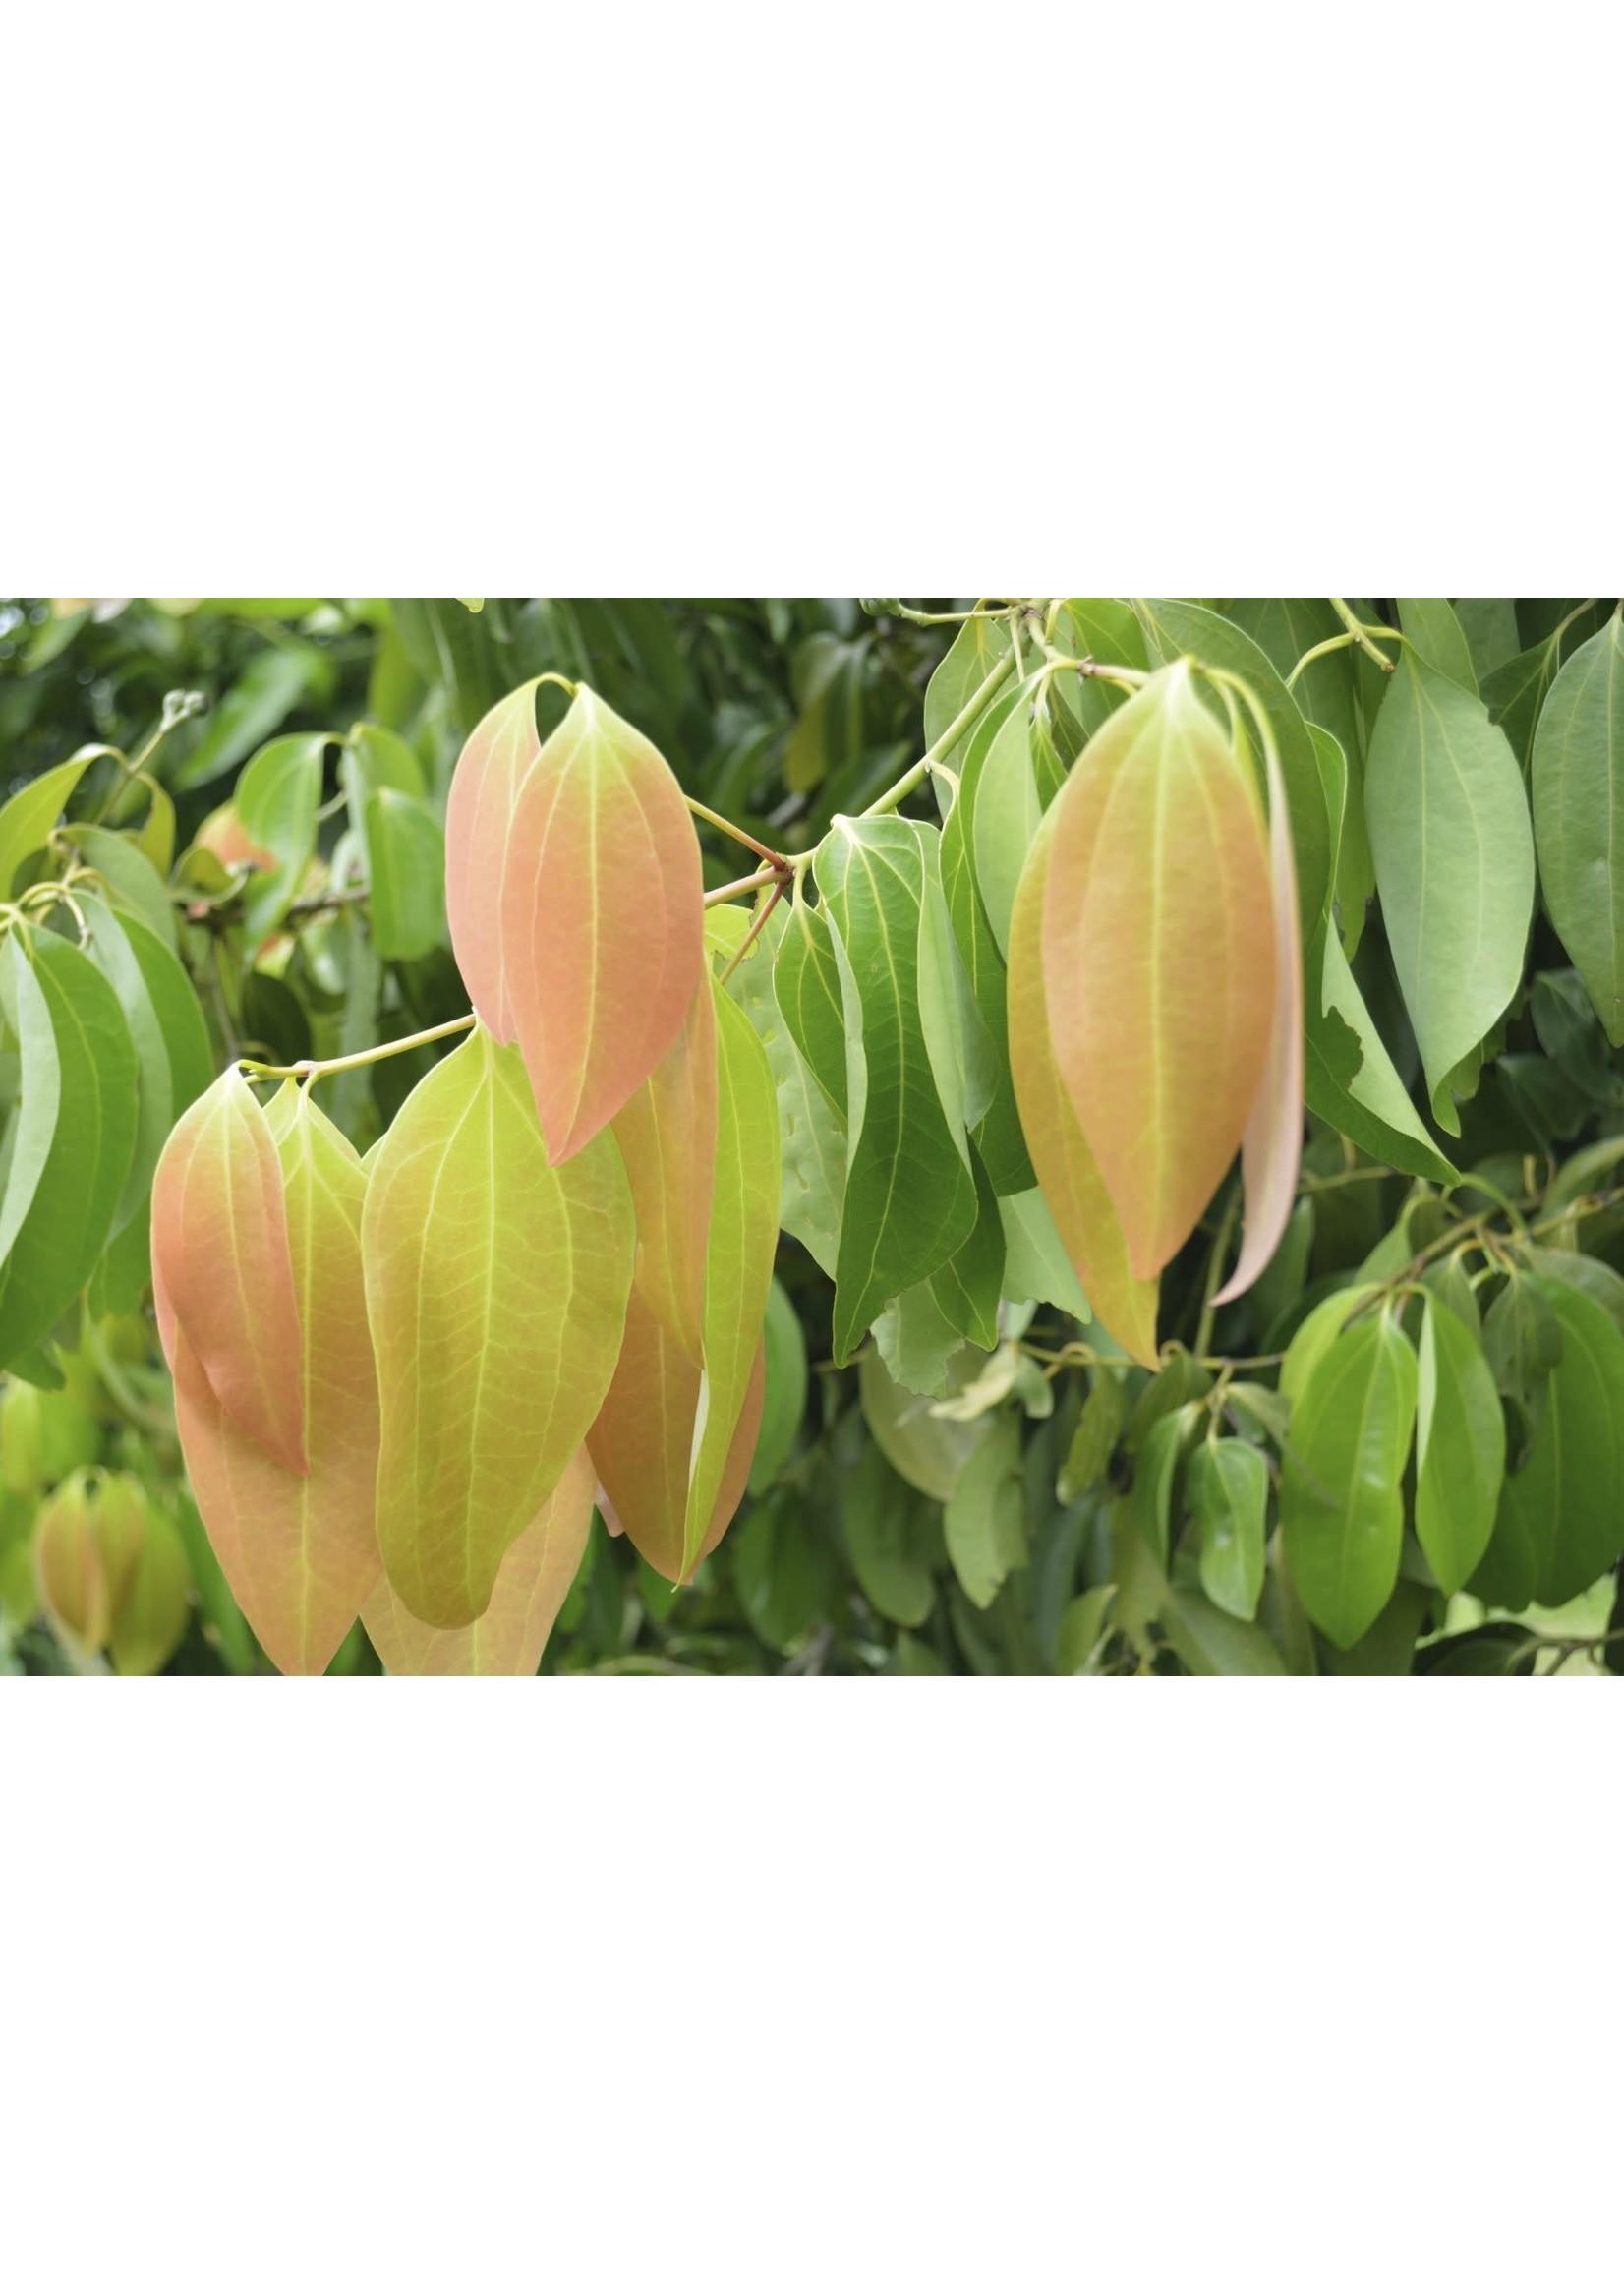 Zayat Huile essentielle, Canelle de Ceylan, feuilles, biologique Madagascar (11ml)